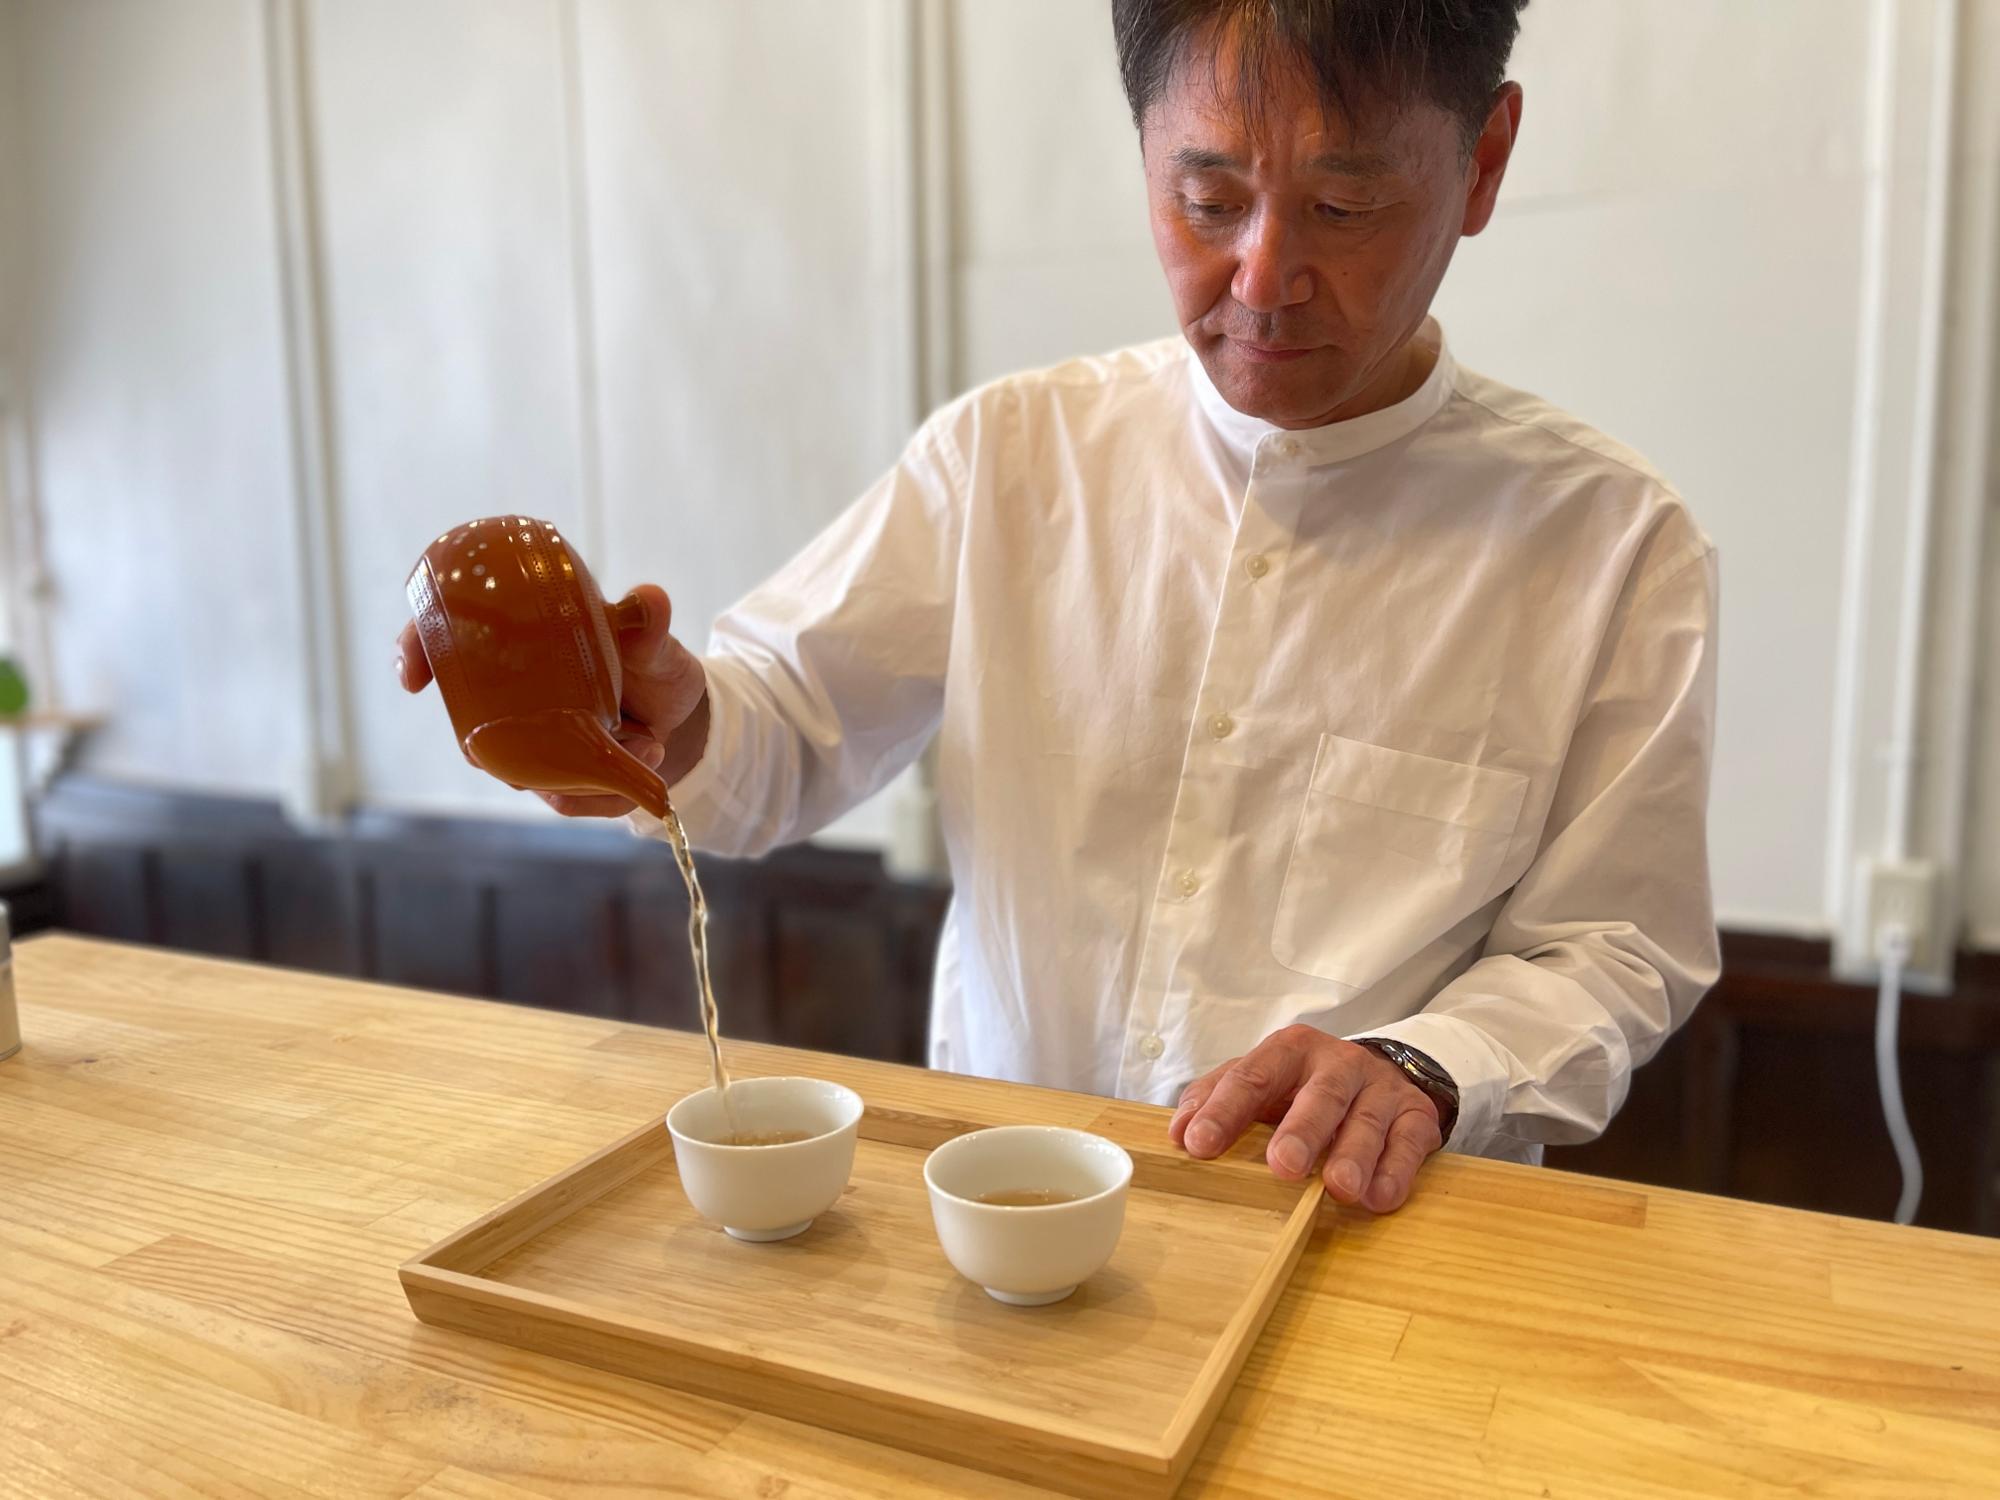 茶商である赤堀商店の赤堀 浩司 氏自らお茶を入れてくれました。